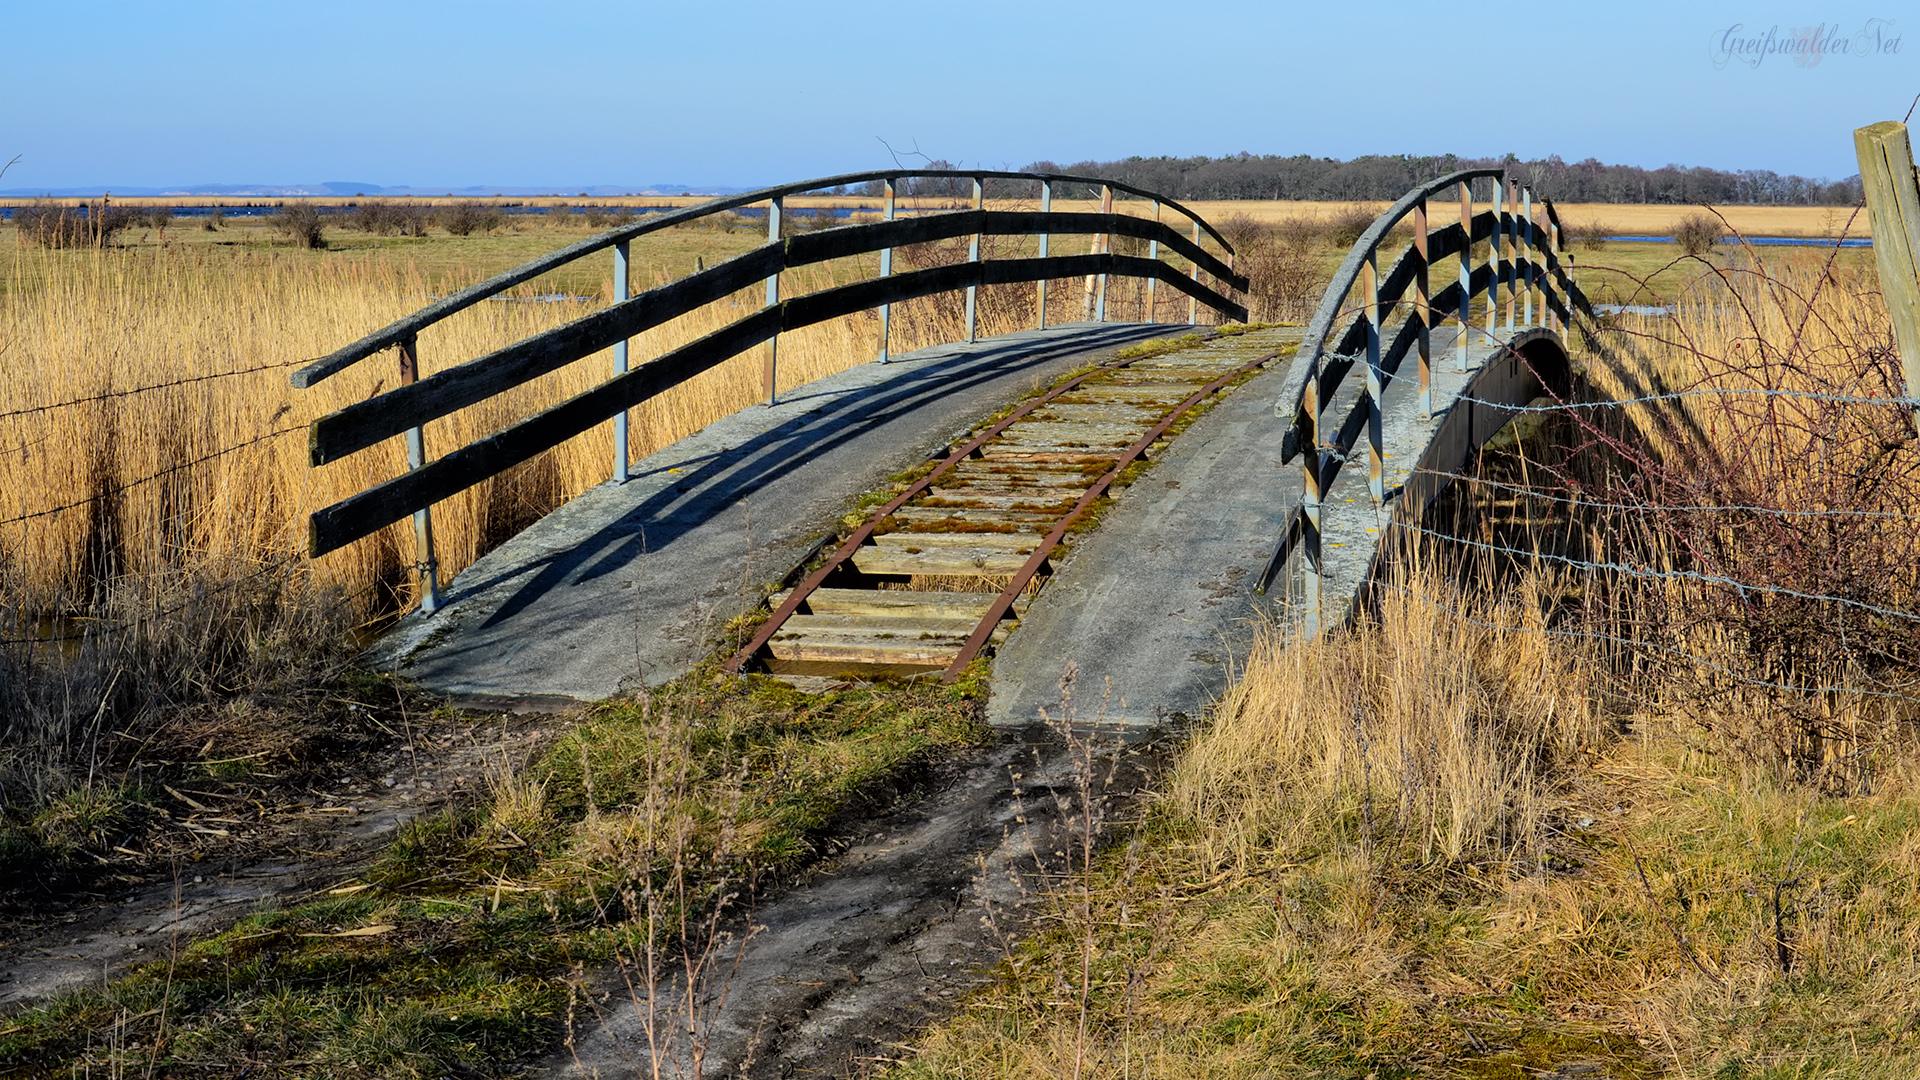 abenteuerliche Brücke